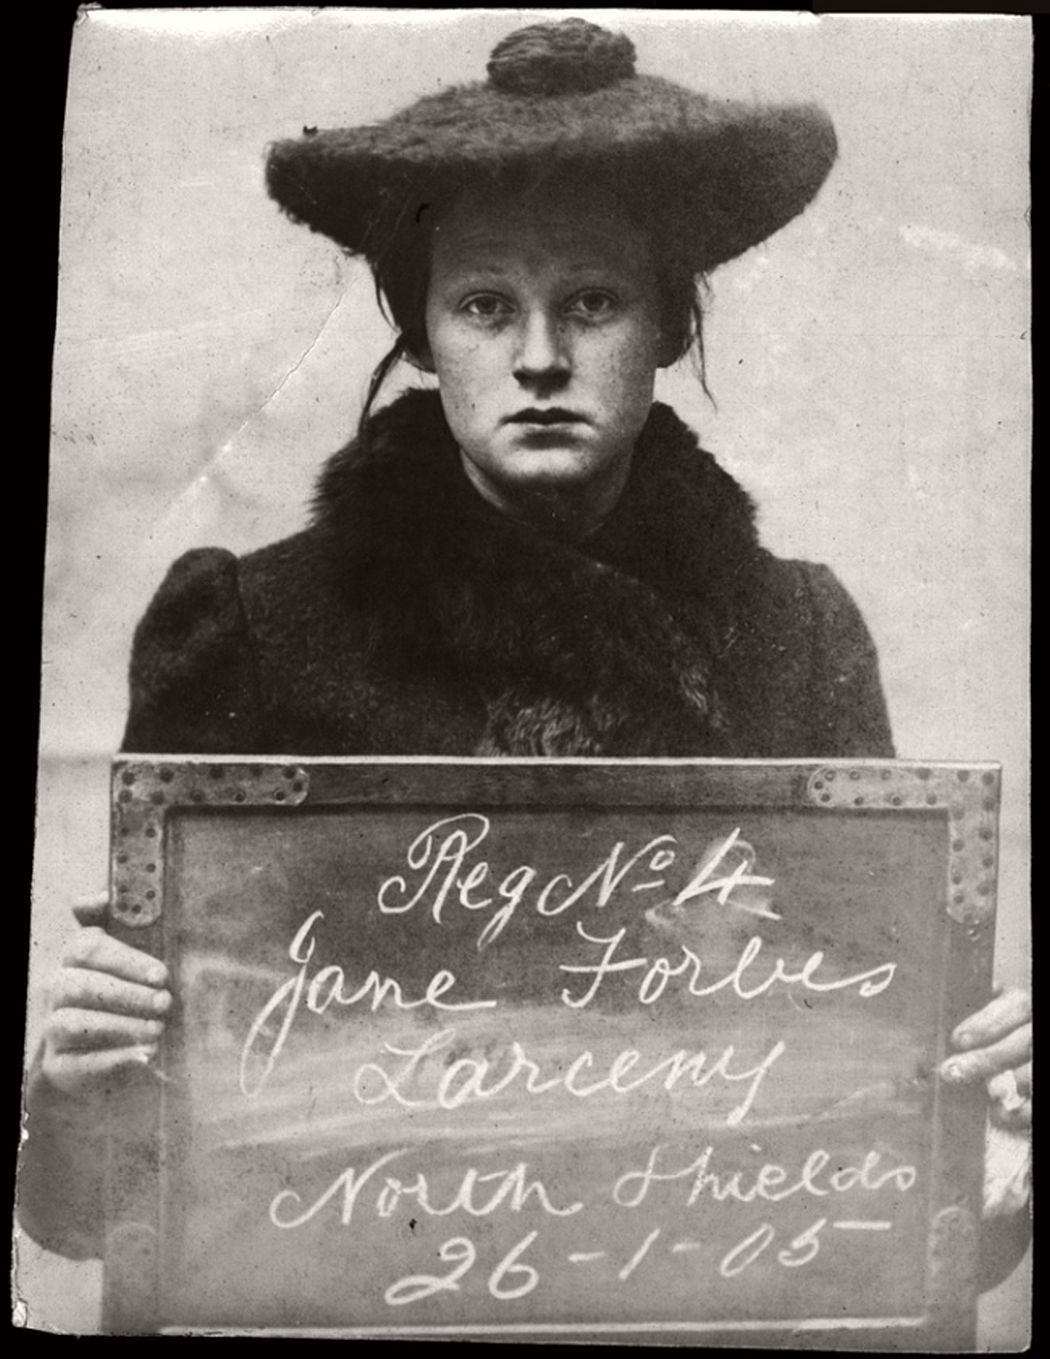 vintage-mug-shot-of-women-criminals-from-north-shields-1903-1905-02